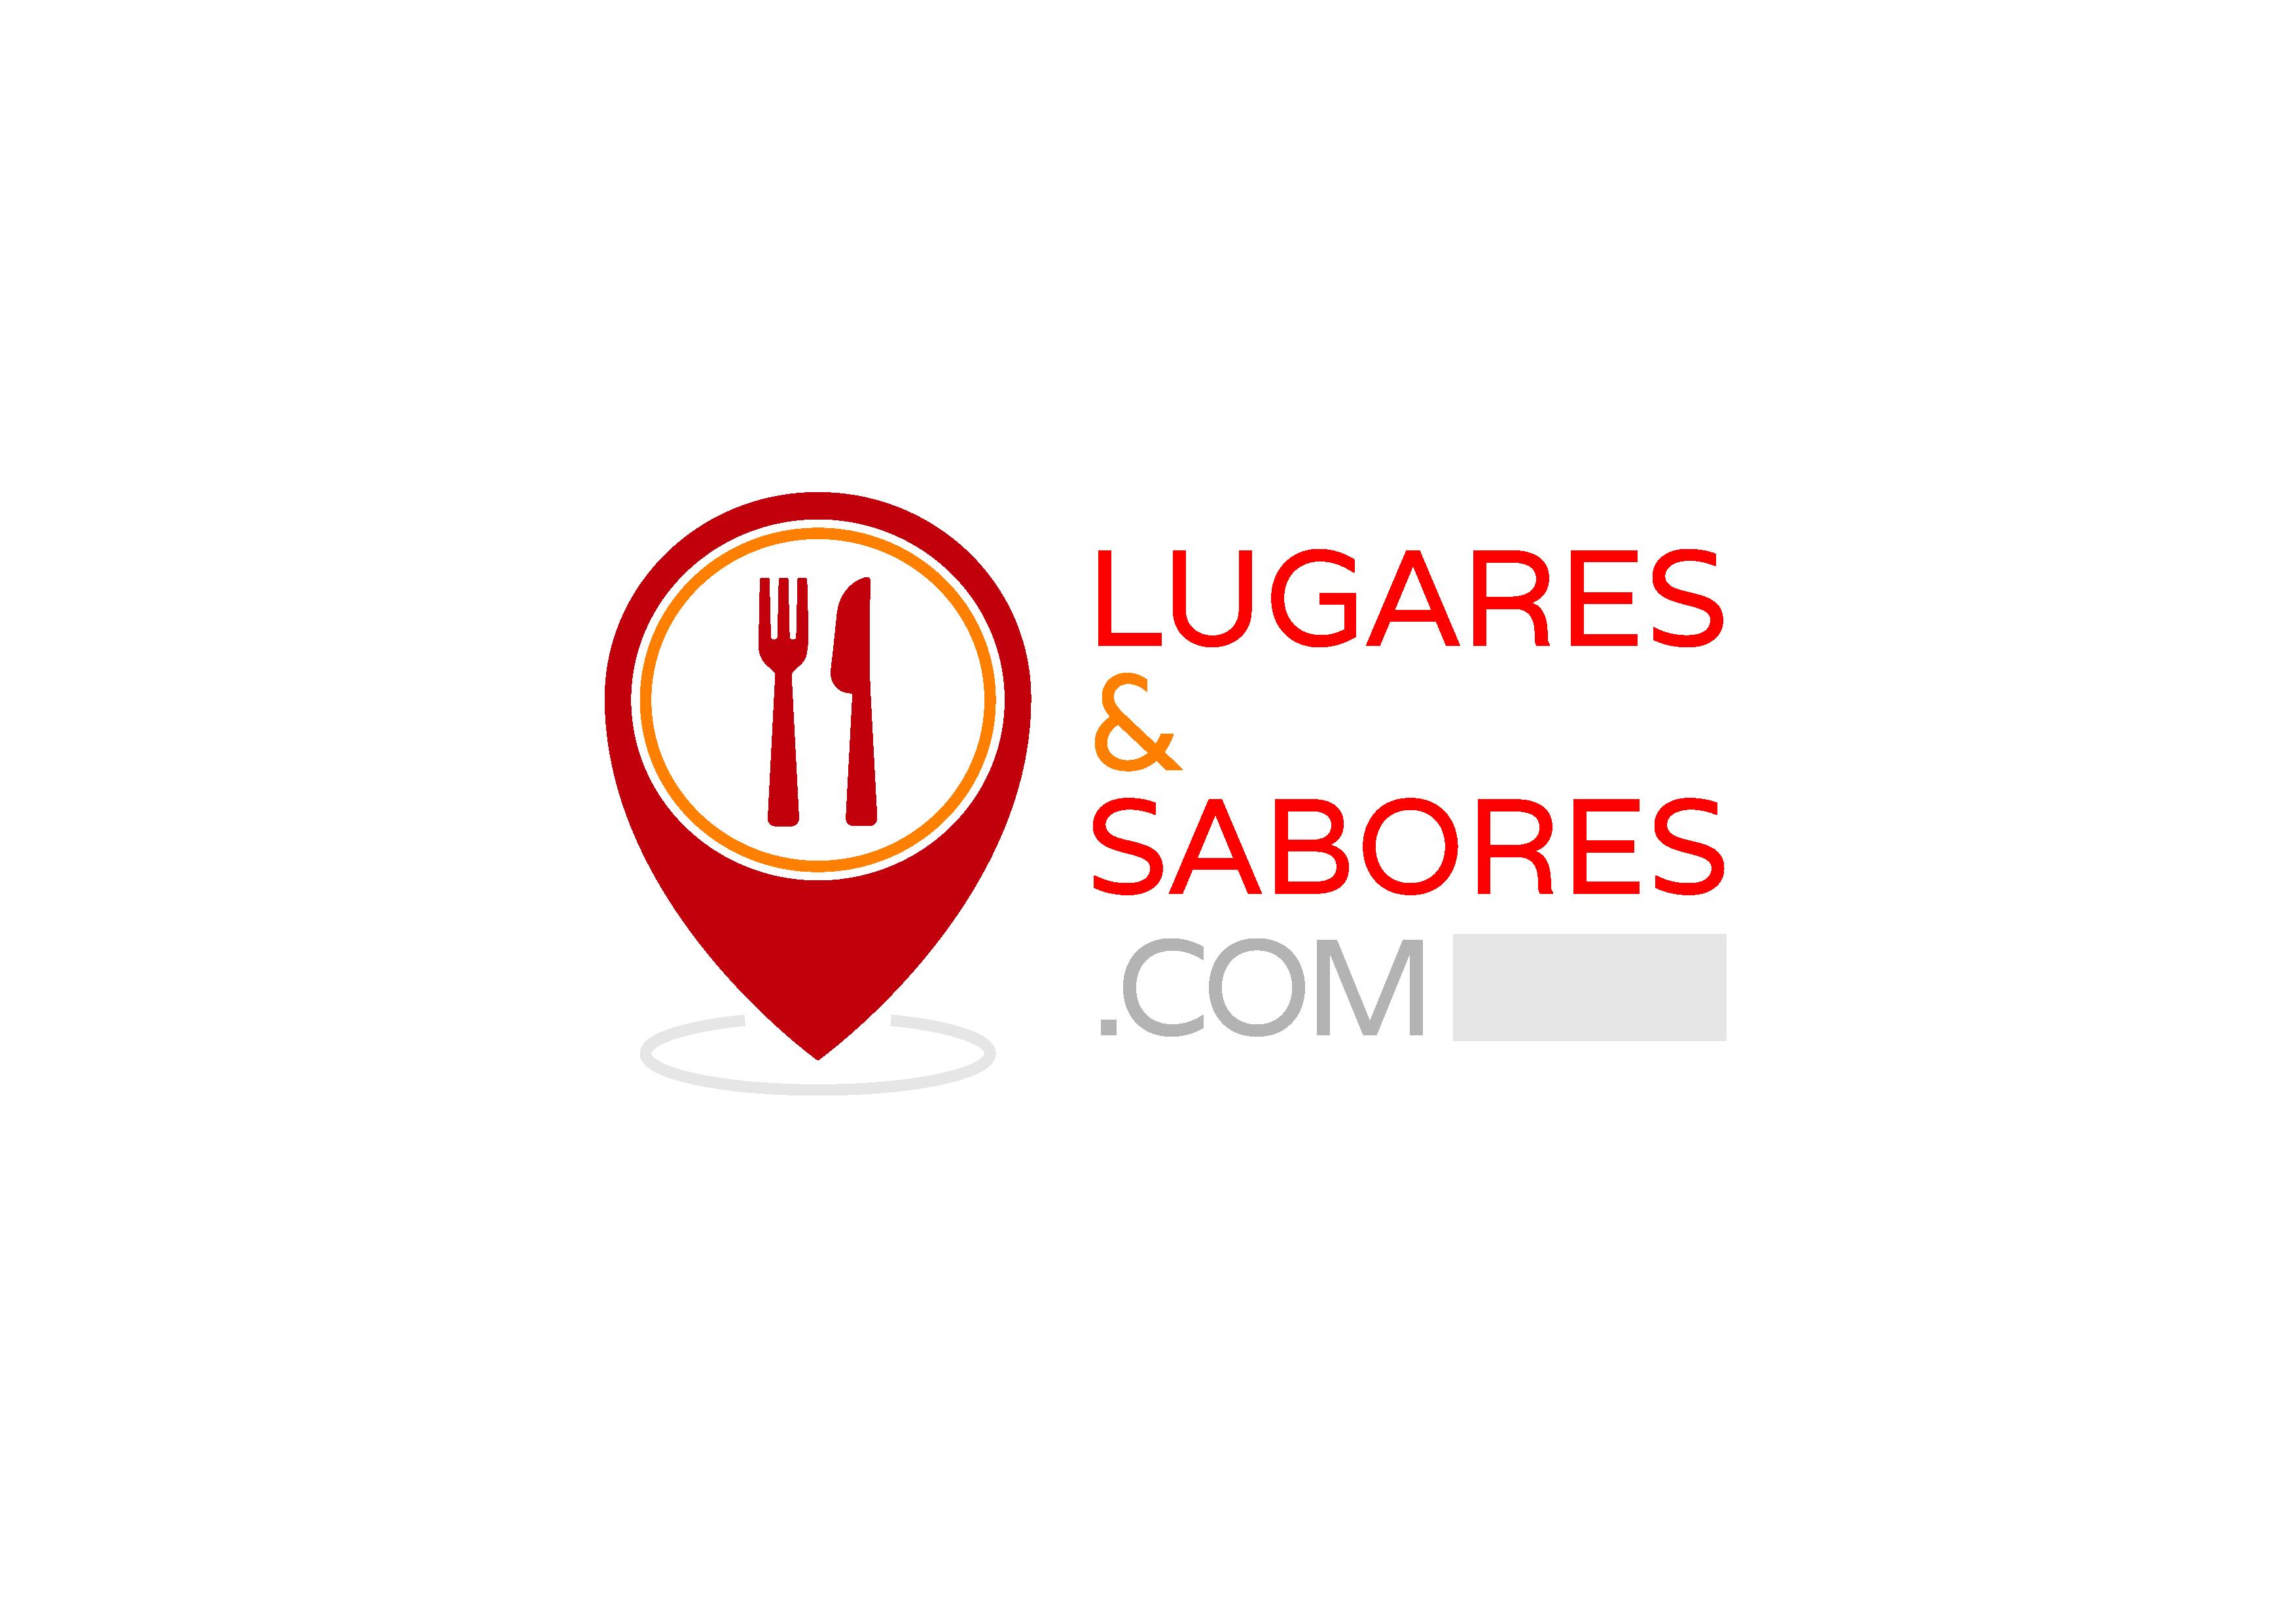 CURVASlugaresysabores-01